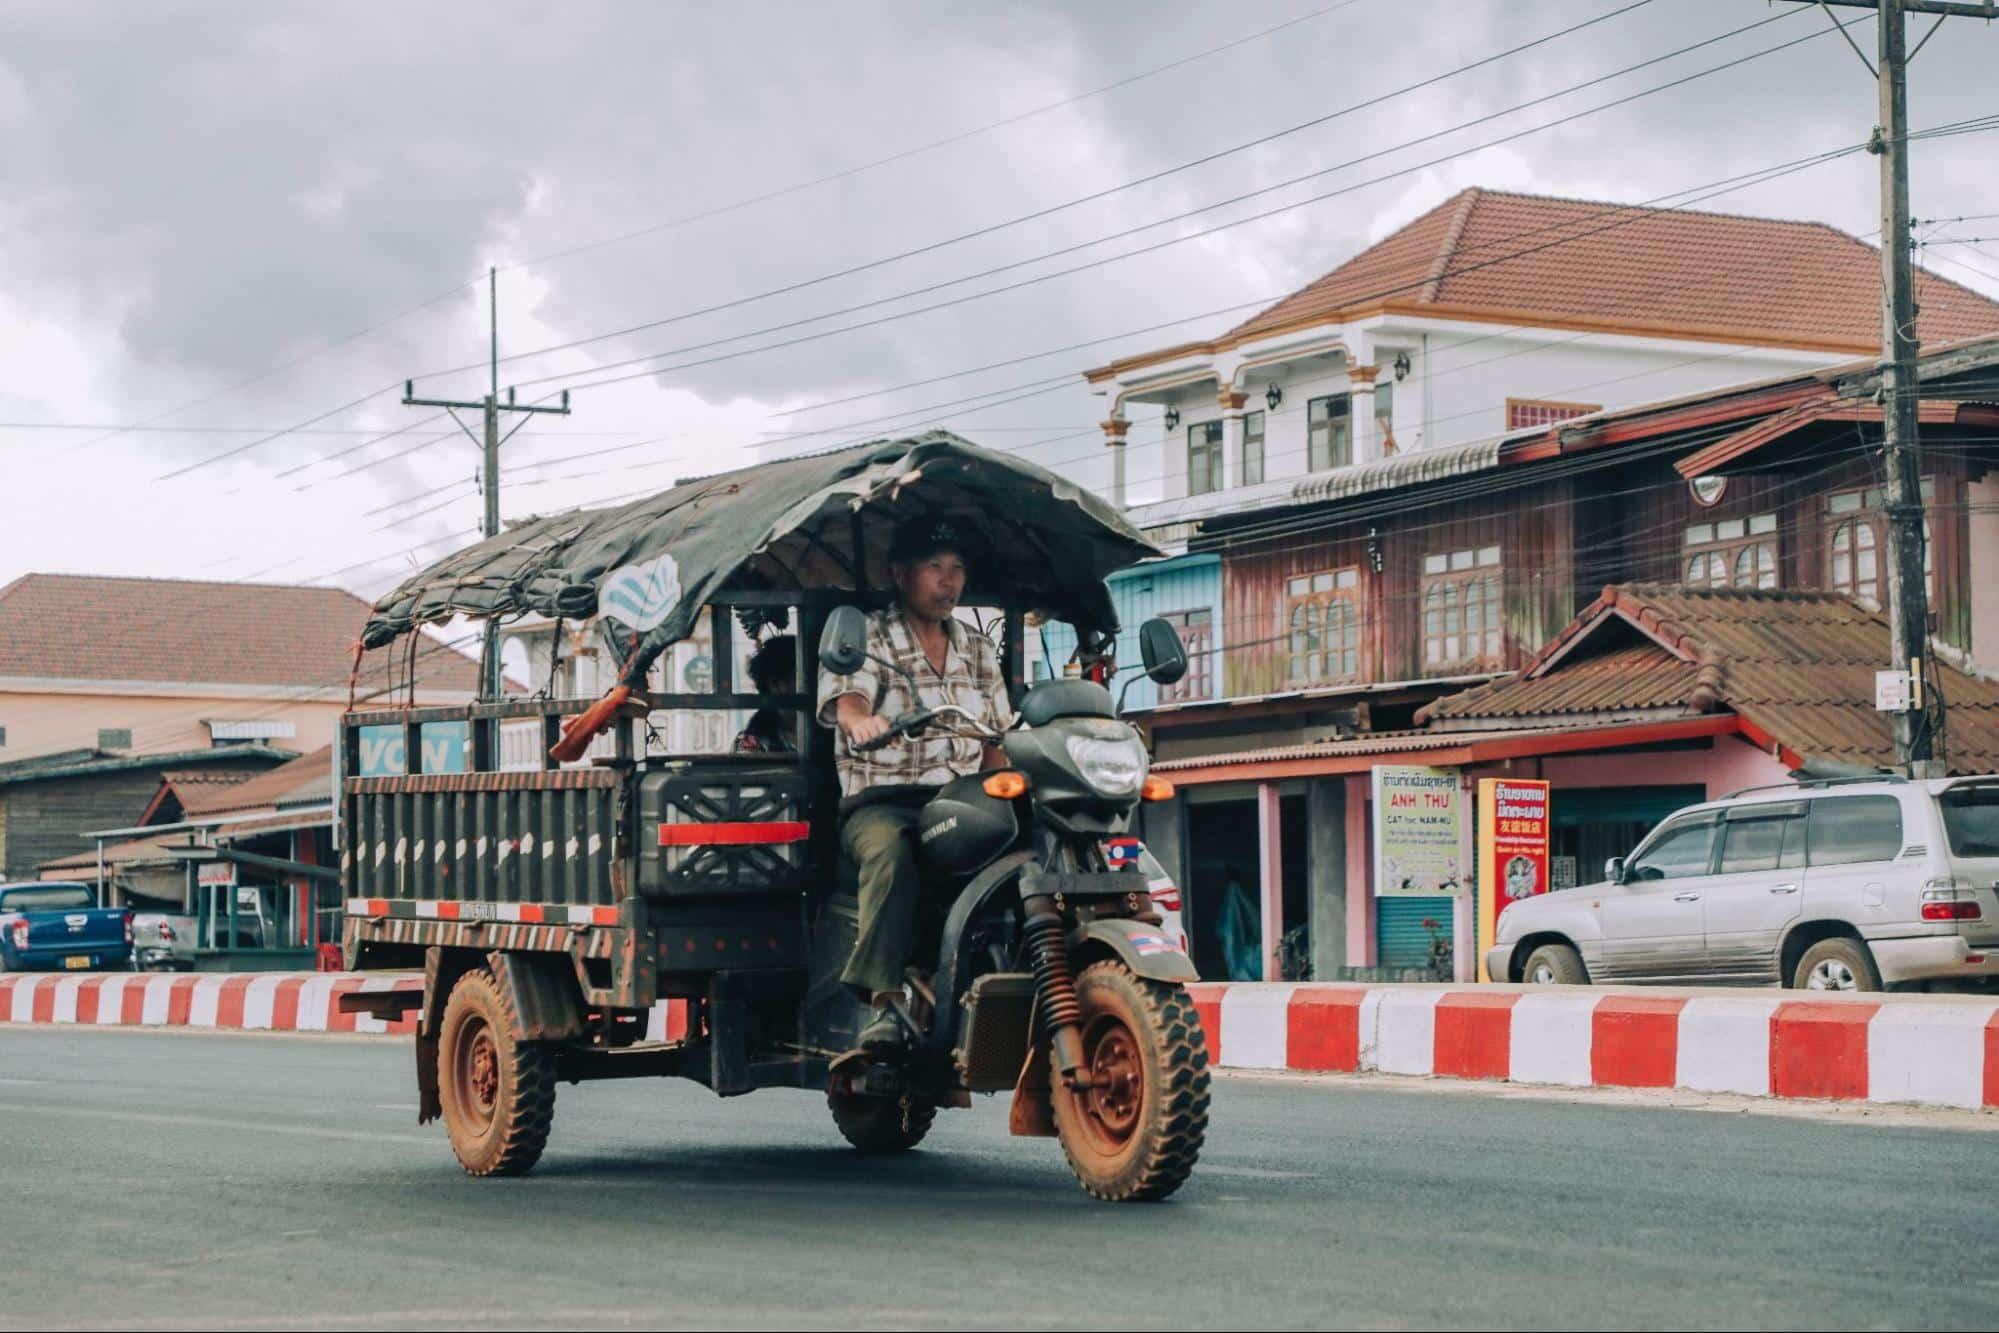 A Motorised Tuk Tuk in Chiang Mai